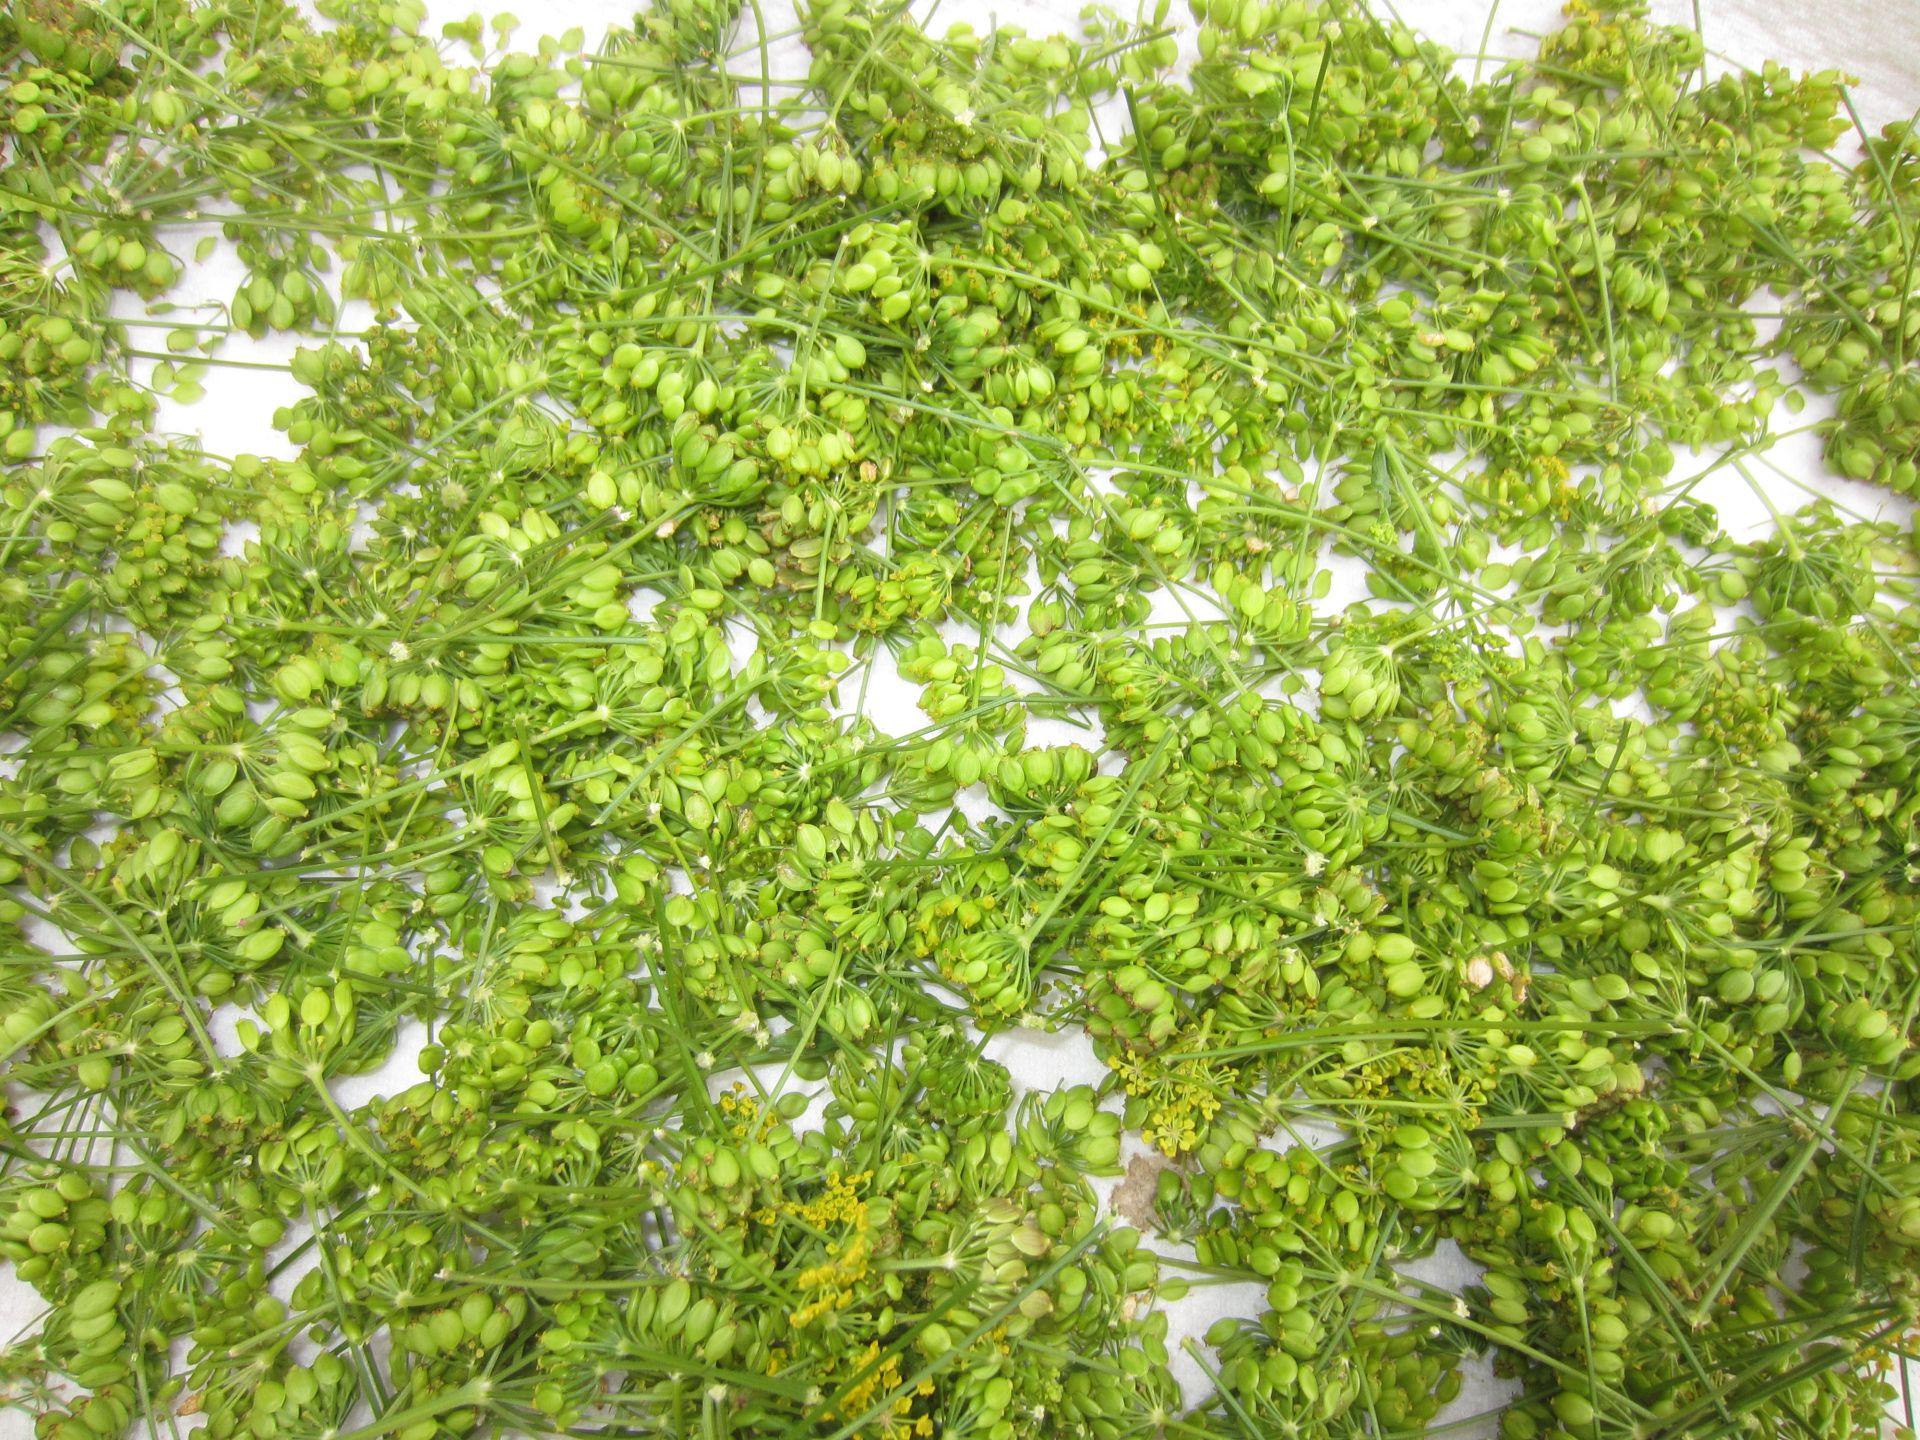 früchte der pastinake